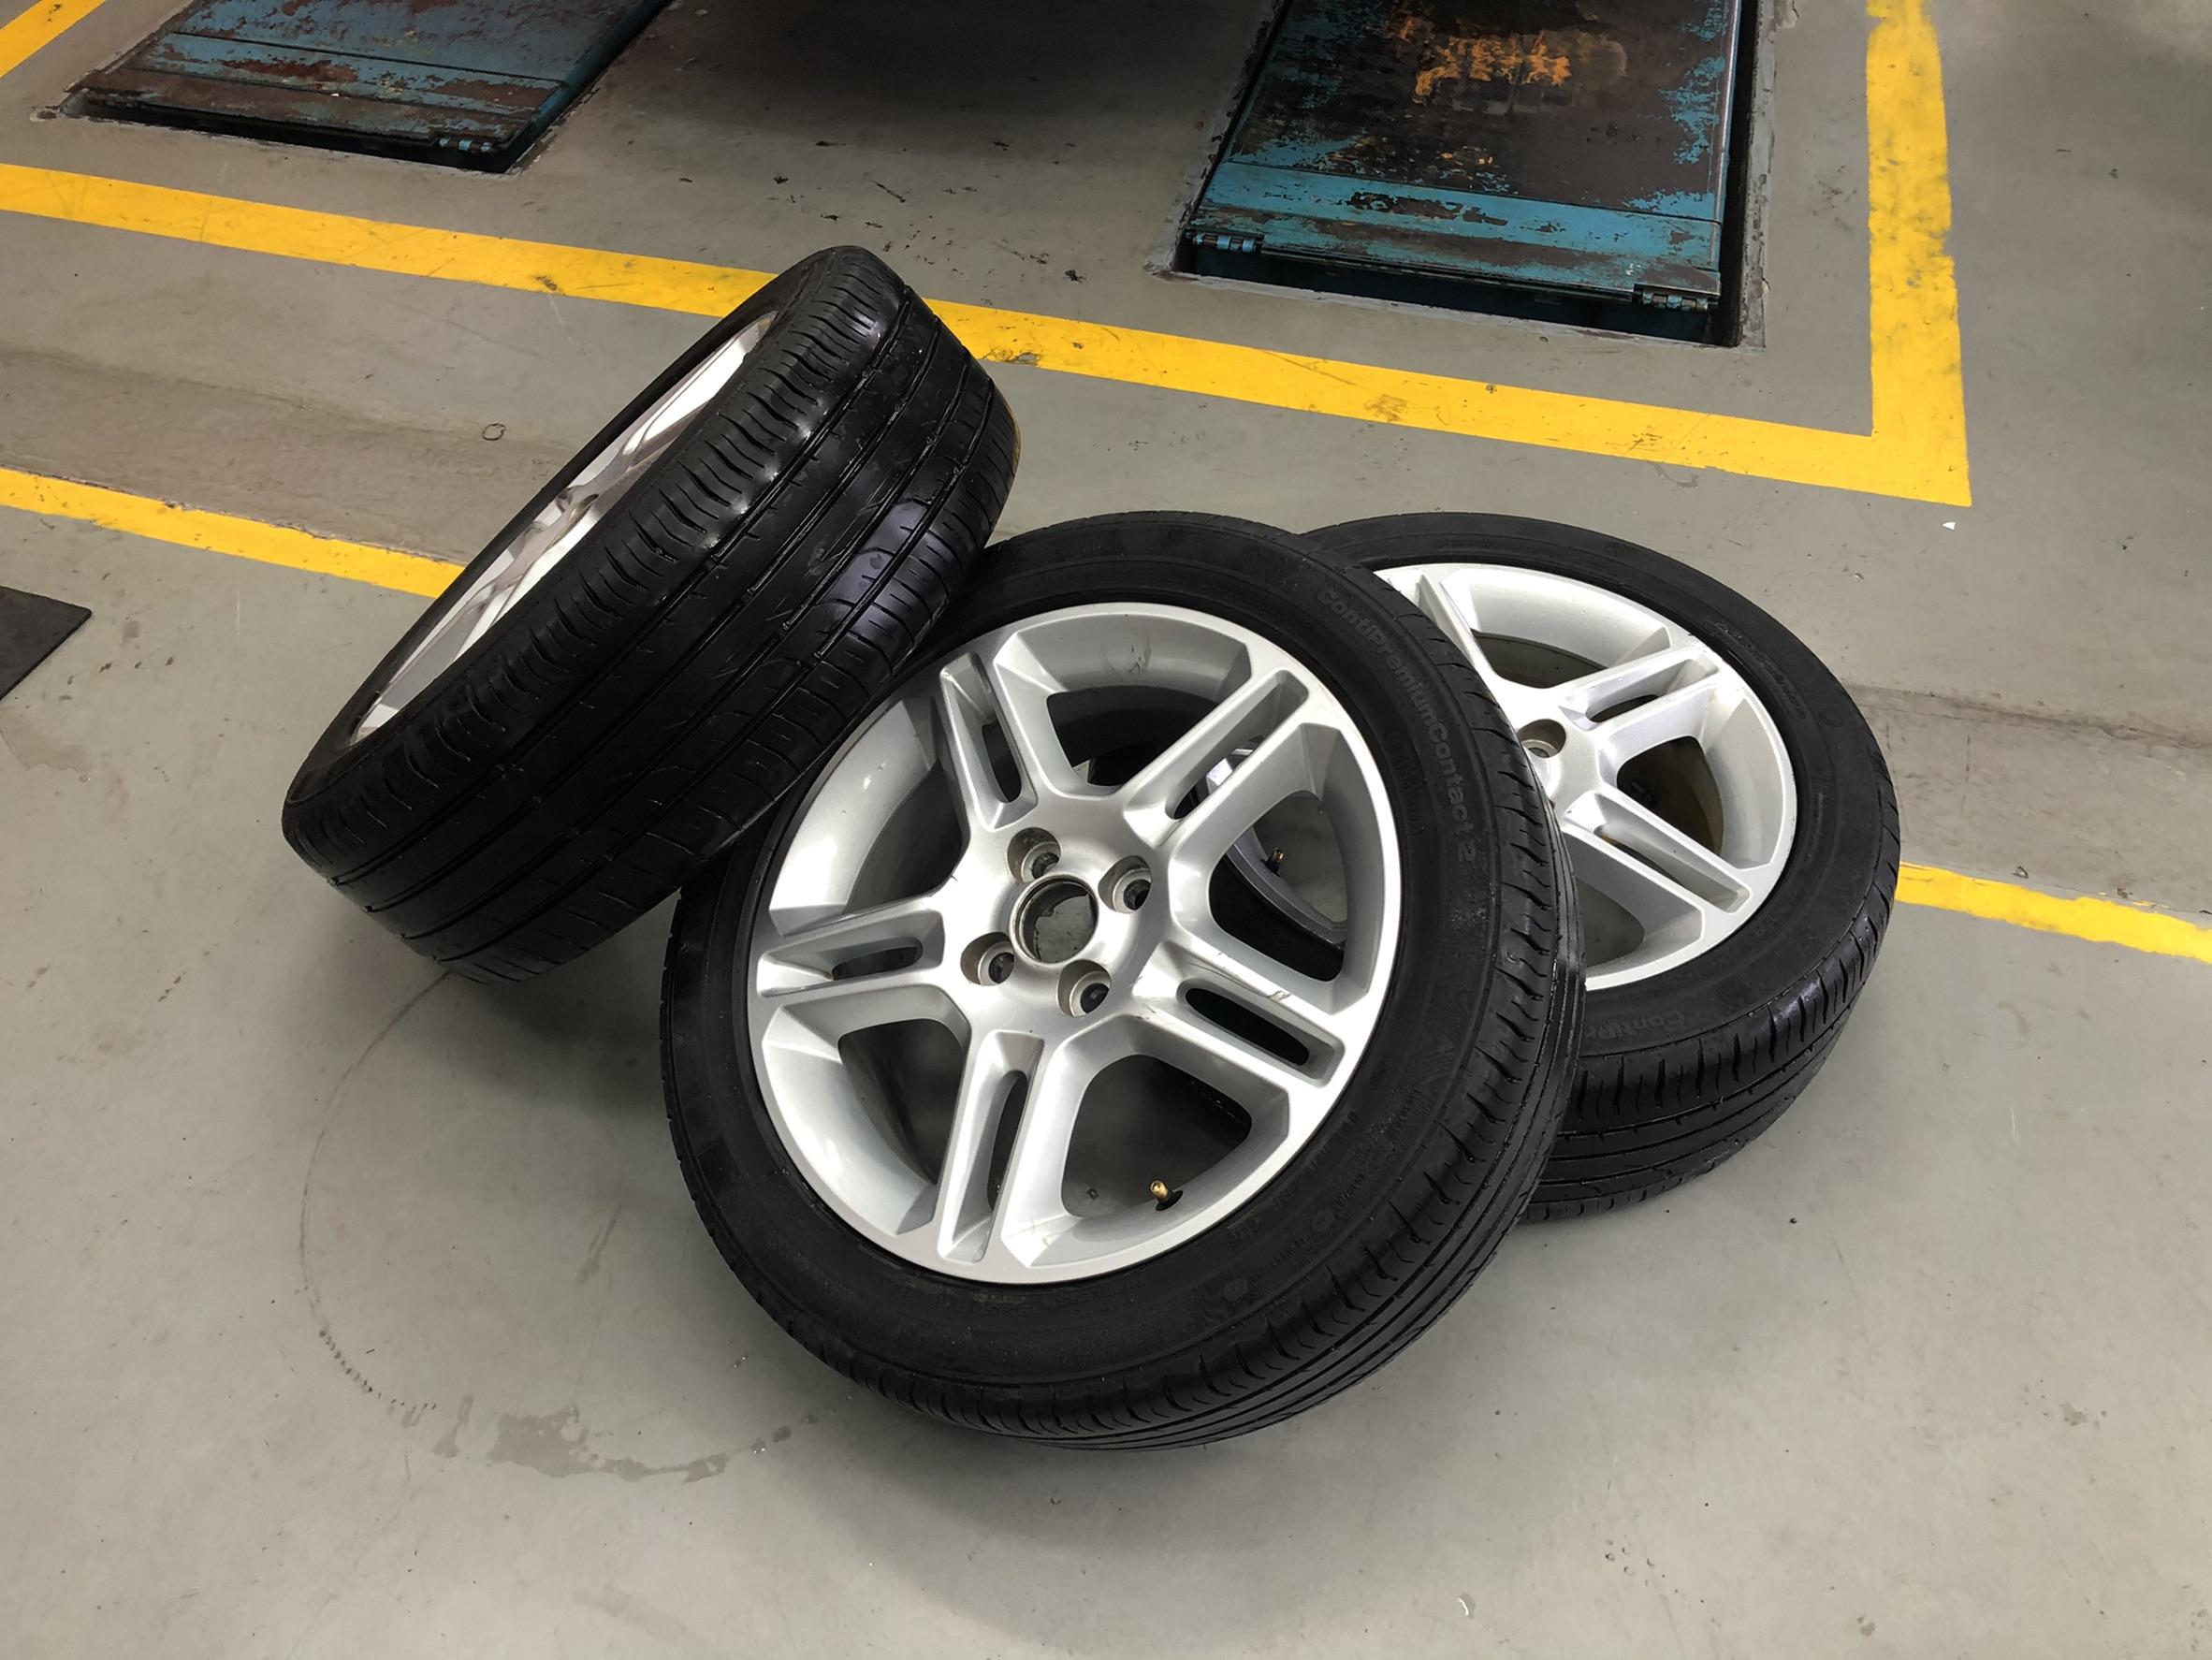 【速得安保修】福特 菲仕塔/FORD Fiesta/行車底盤異音#輪胎推薦#輪胎規格#輪胎變形#底盤異音問題#米其林輪胎#輪胎壽命#OiCar高雄市三民區汽車推薦保修預約保障廠